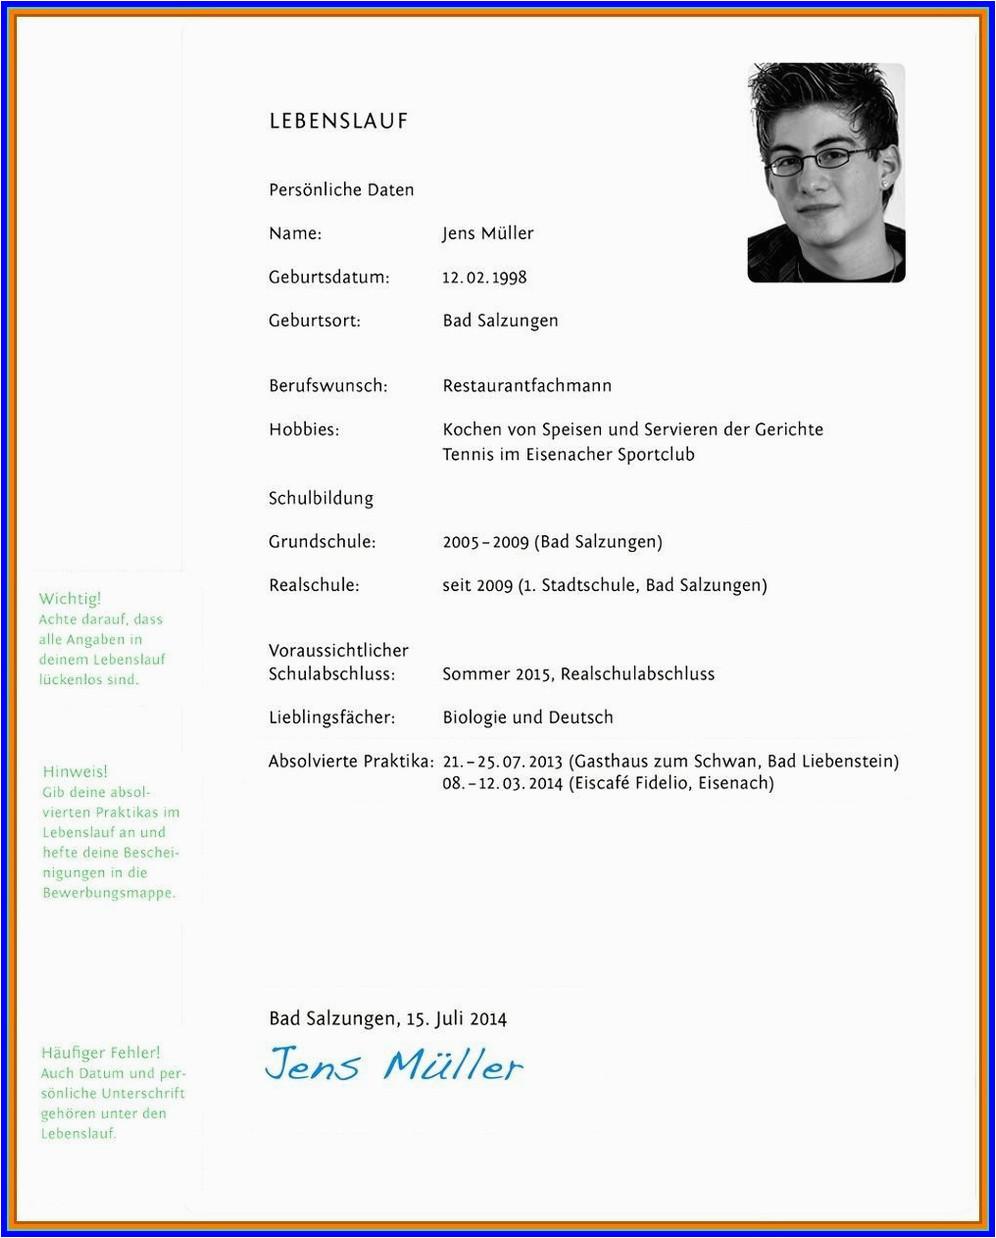 Lebenslauf Englisch Datum Unterschrift Lebenslauf Datum Unterschrift Latex Tabellarischer Englisch